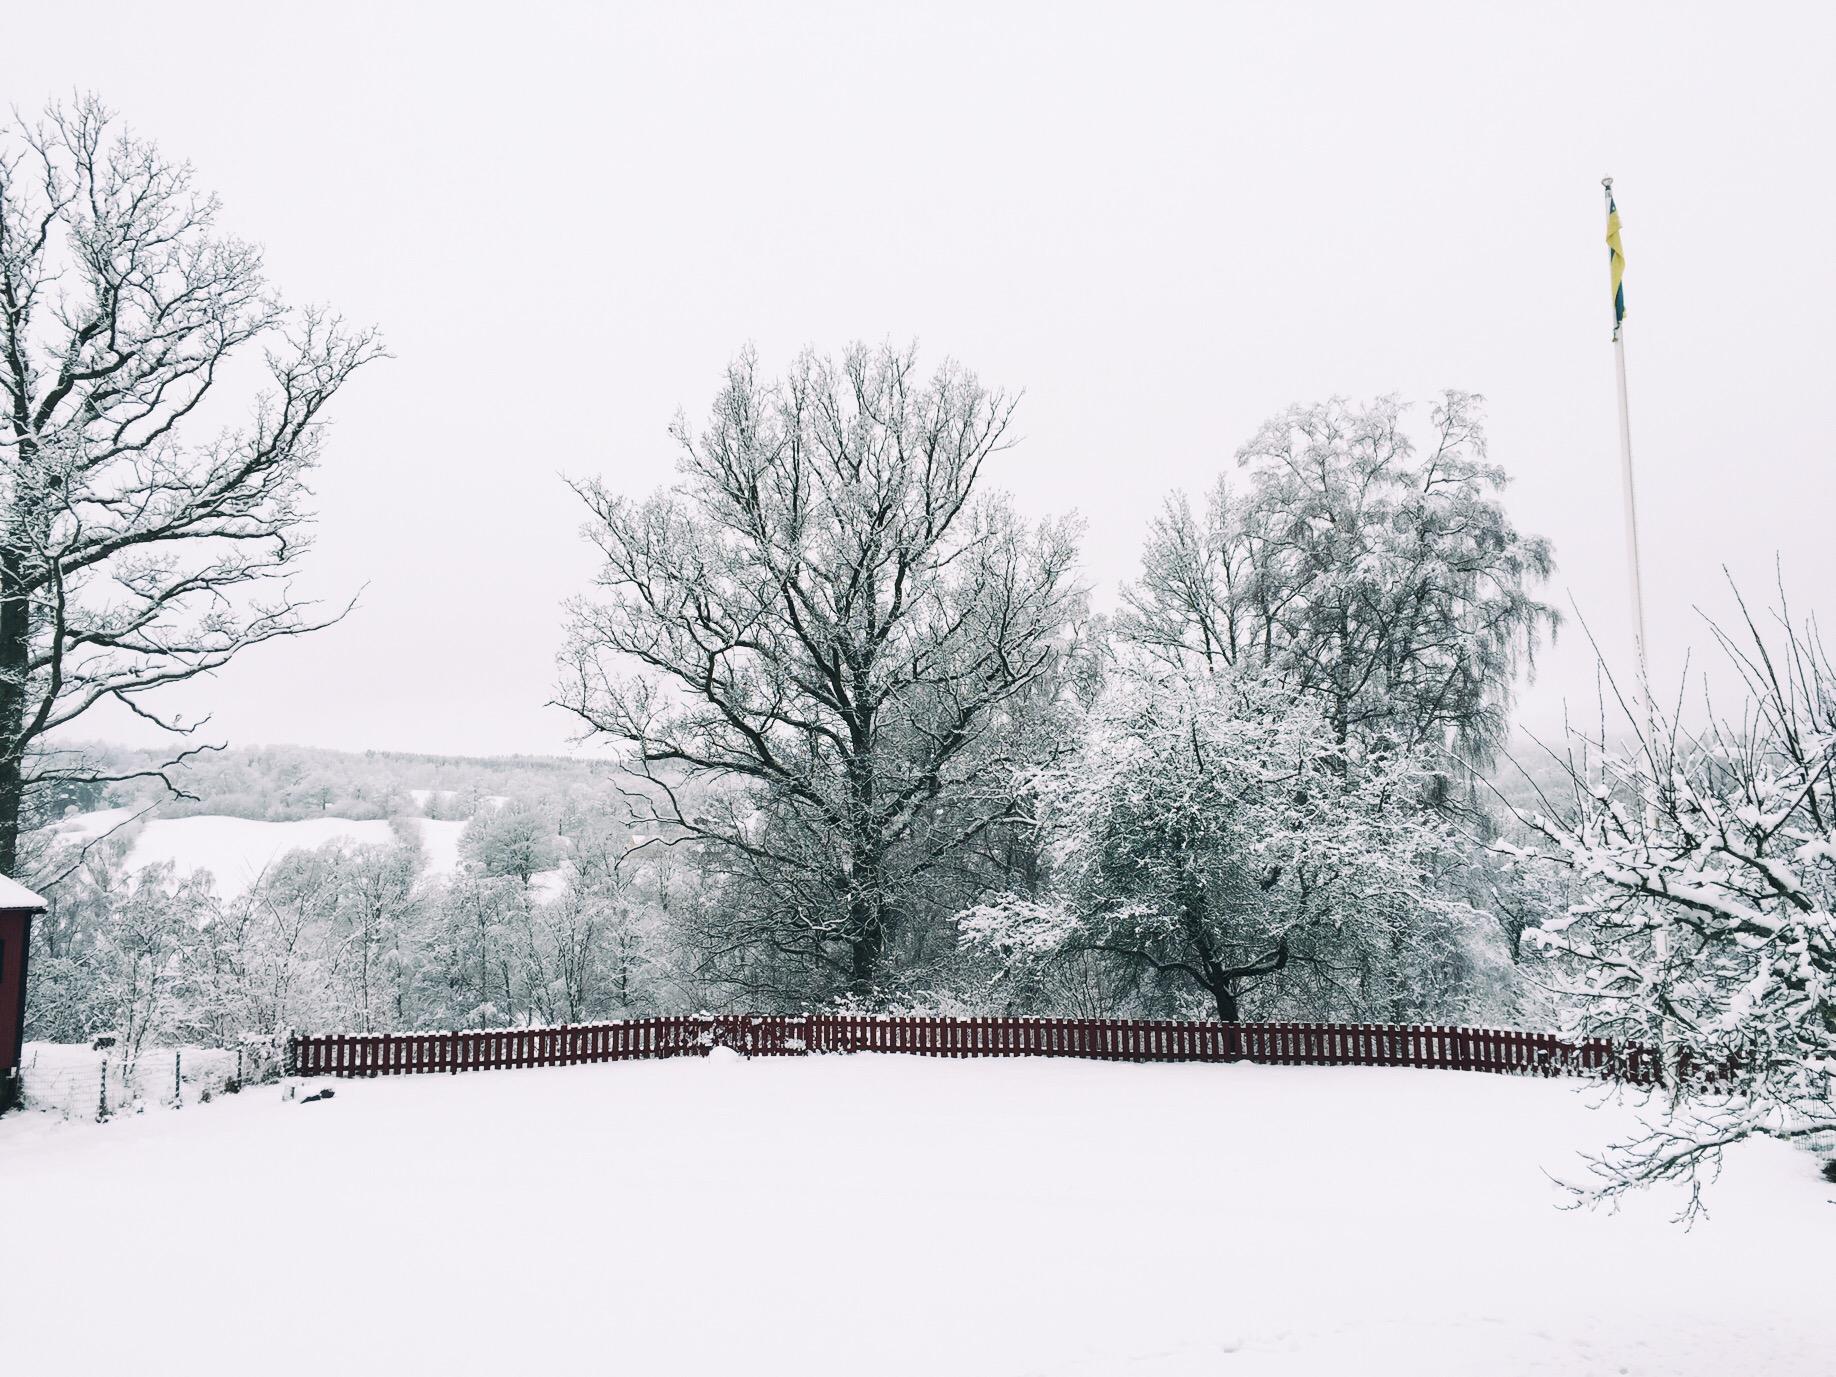 Ett vinterlandksap, snö, träd och ett rött staket.